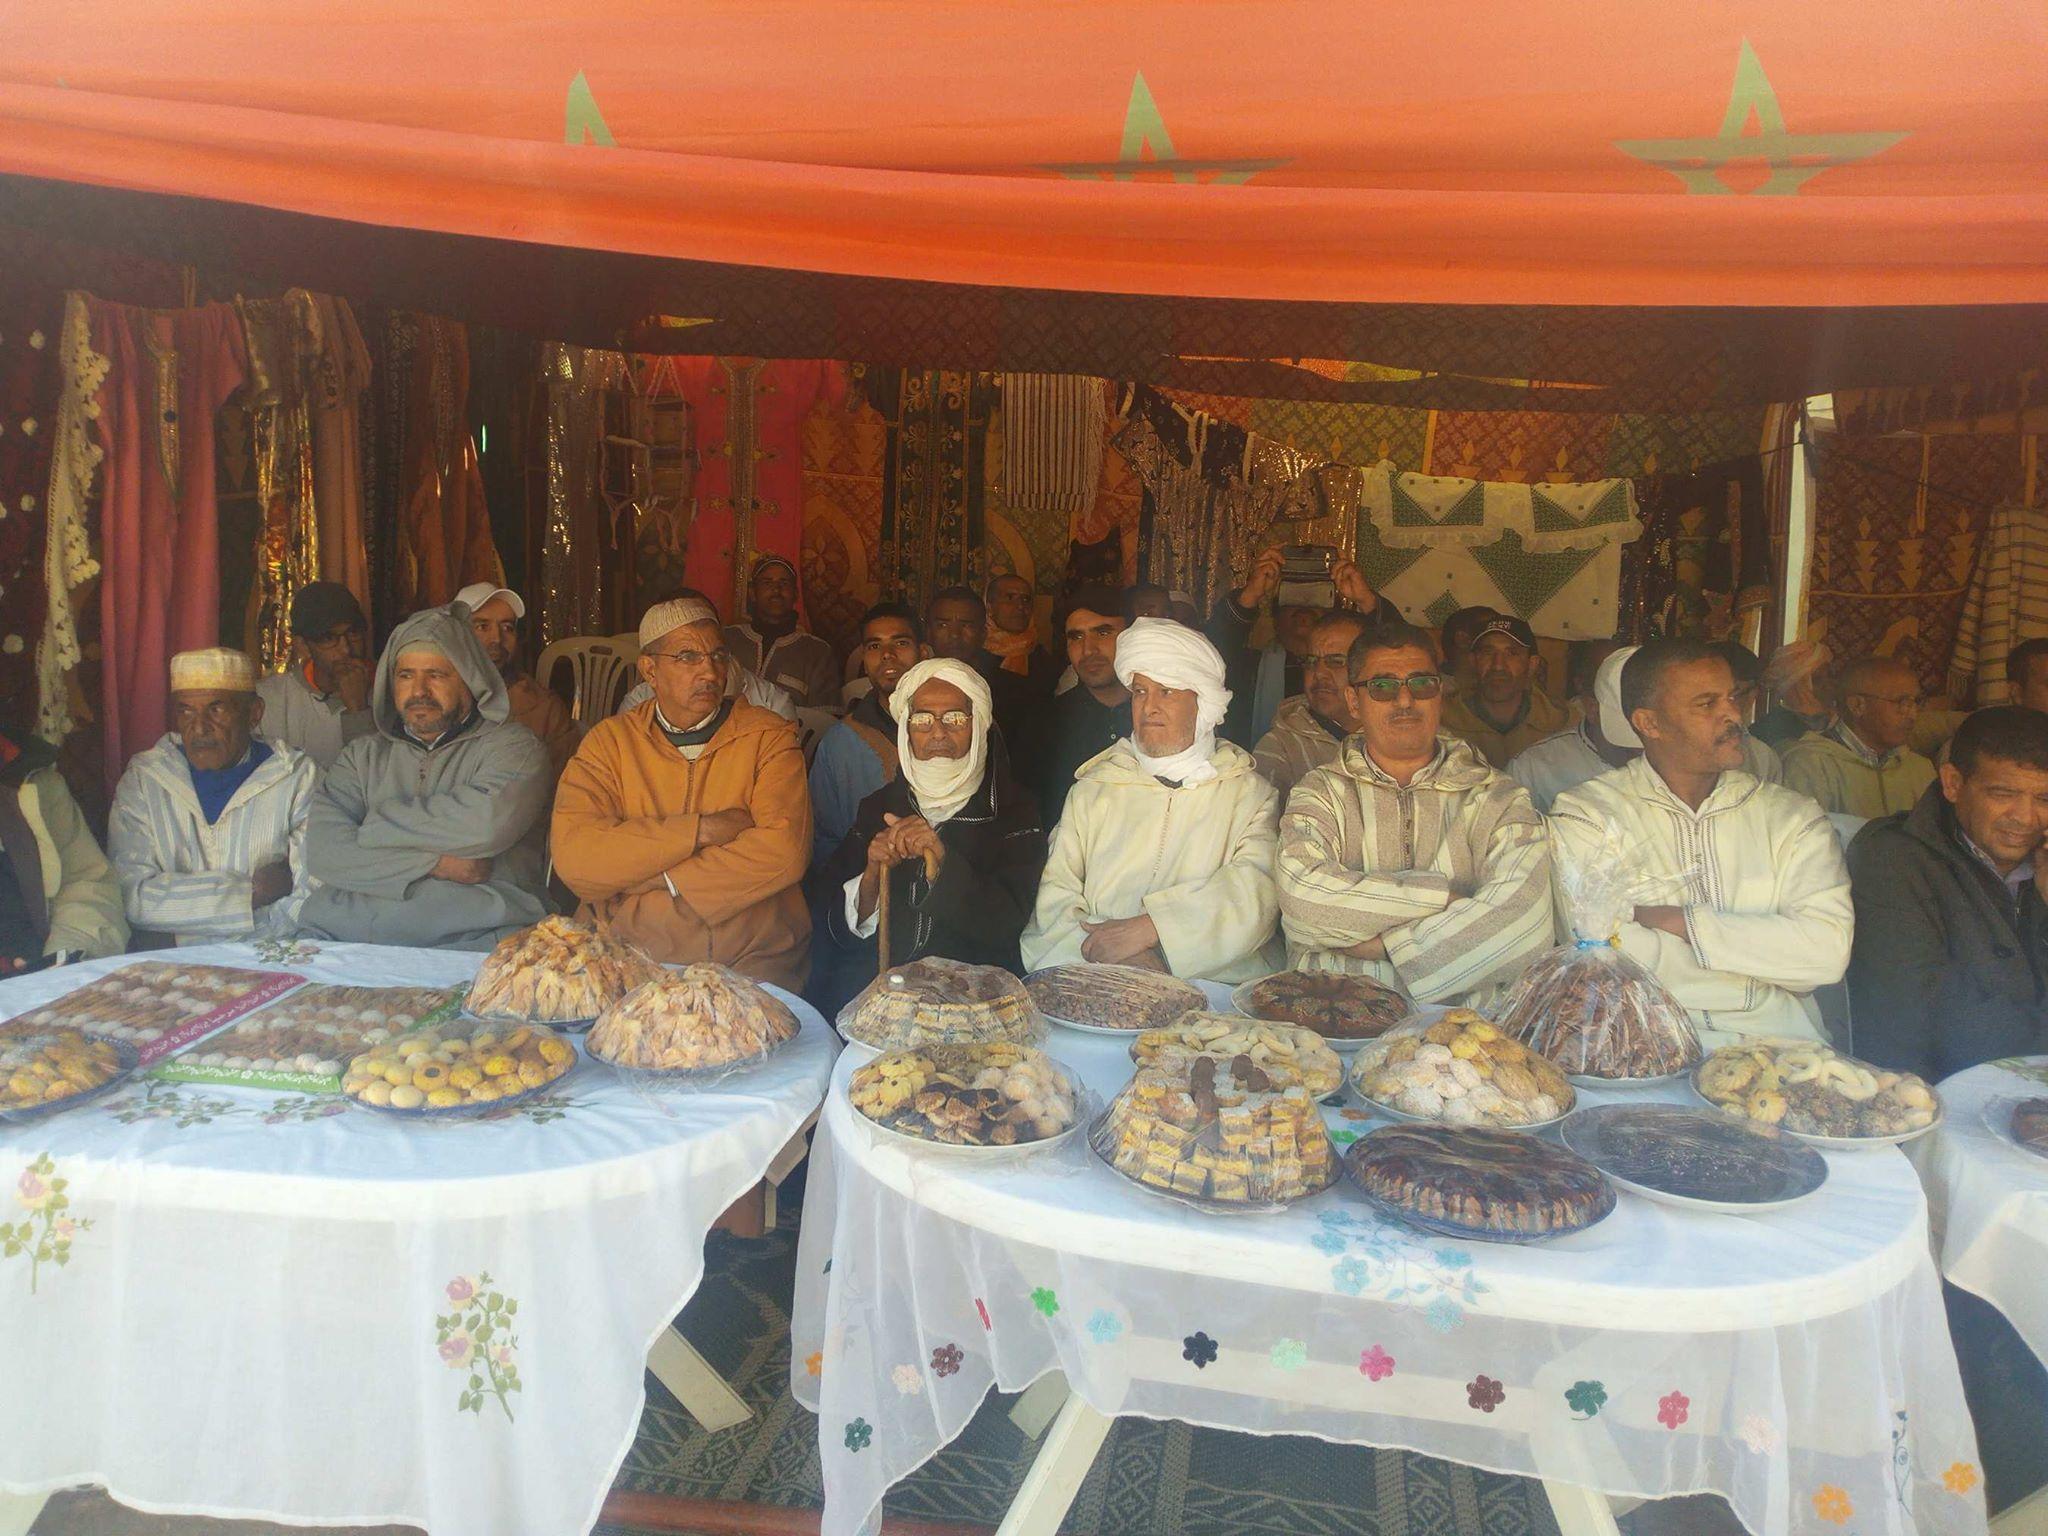 تازروالت: جمعية تاشتاكت تتألق في ملتقاها الثقافي الأول